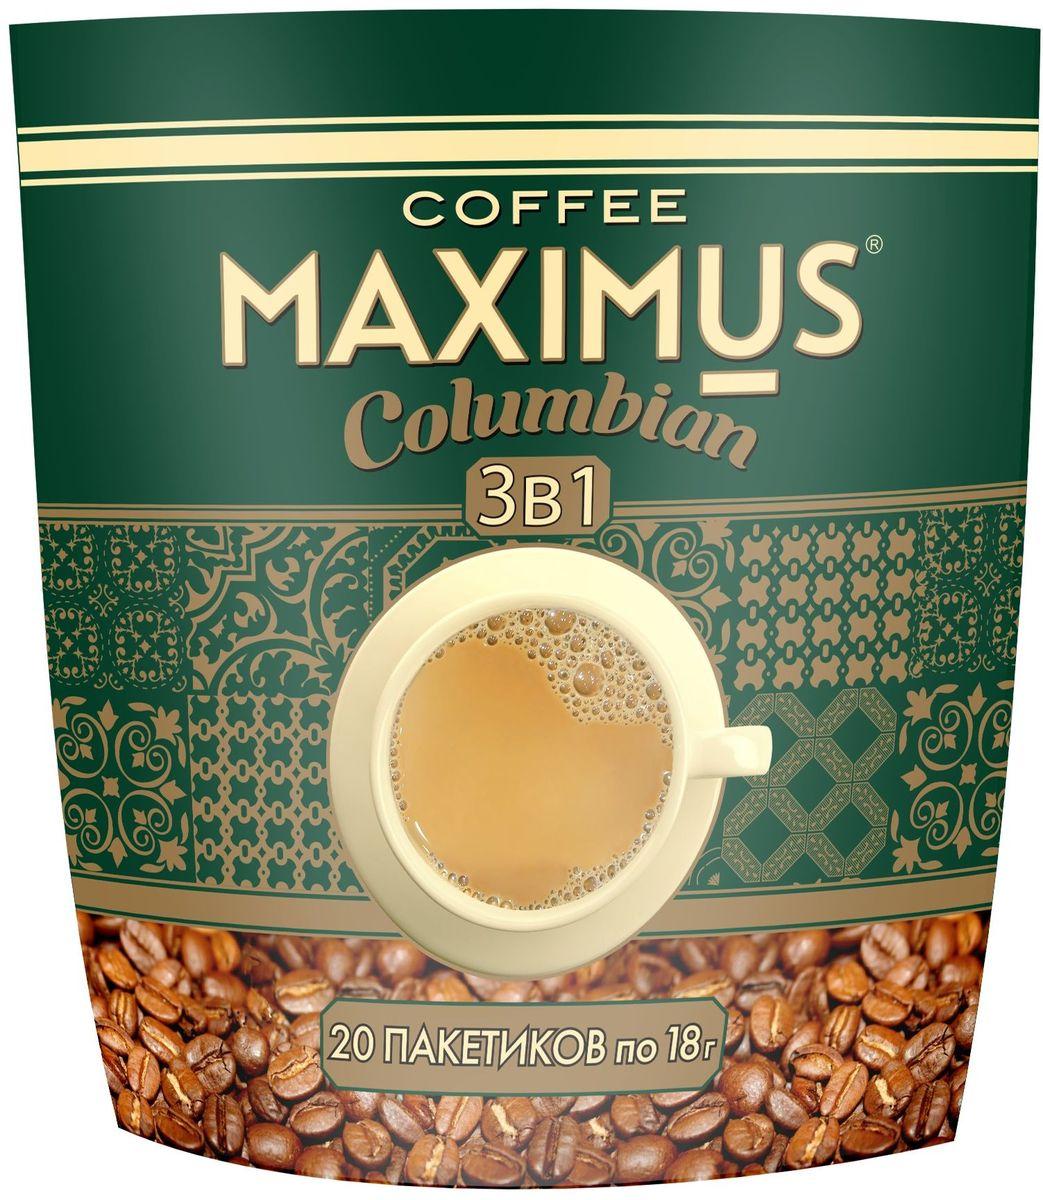 Maximus Columbian растворимый кофейный напиток в пакетиках, 20 шт